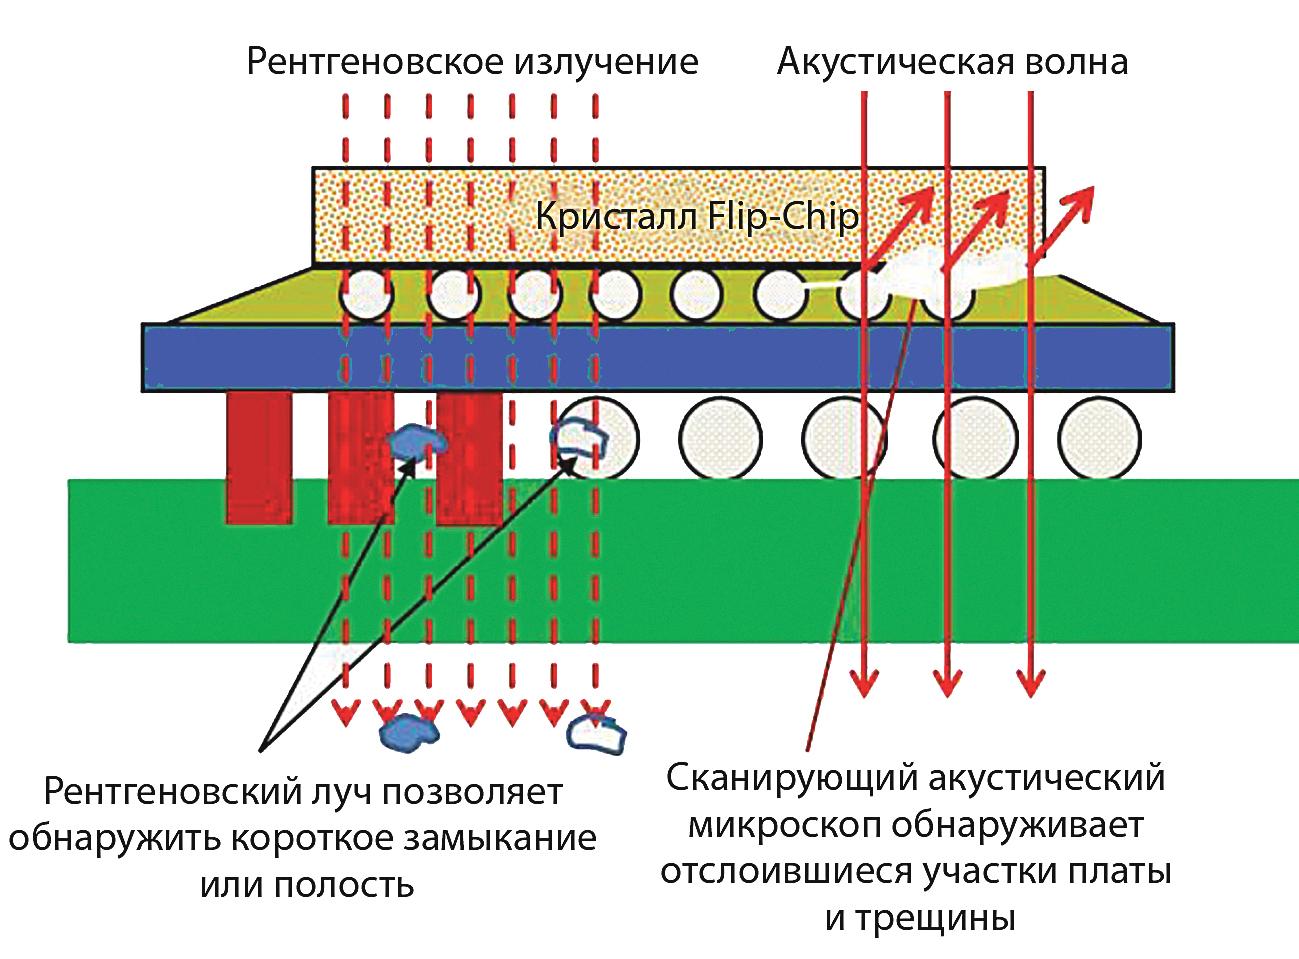 Принцип действия рентгенодефектоскопии и акустической микроскопии